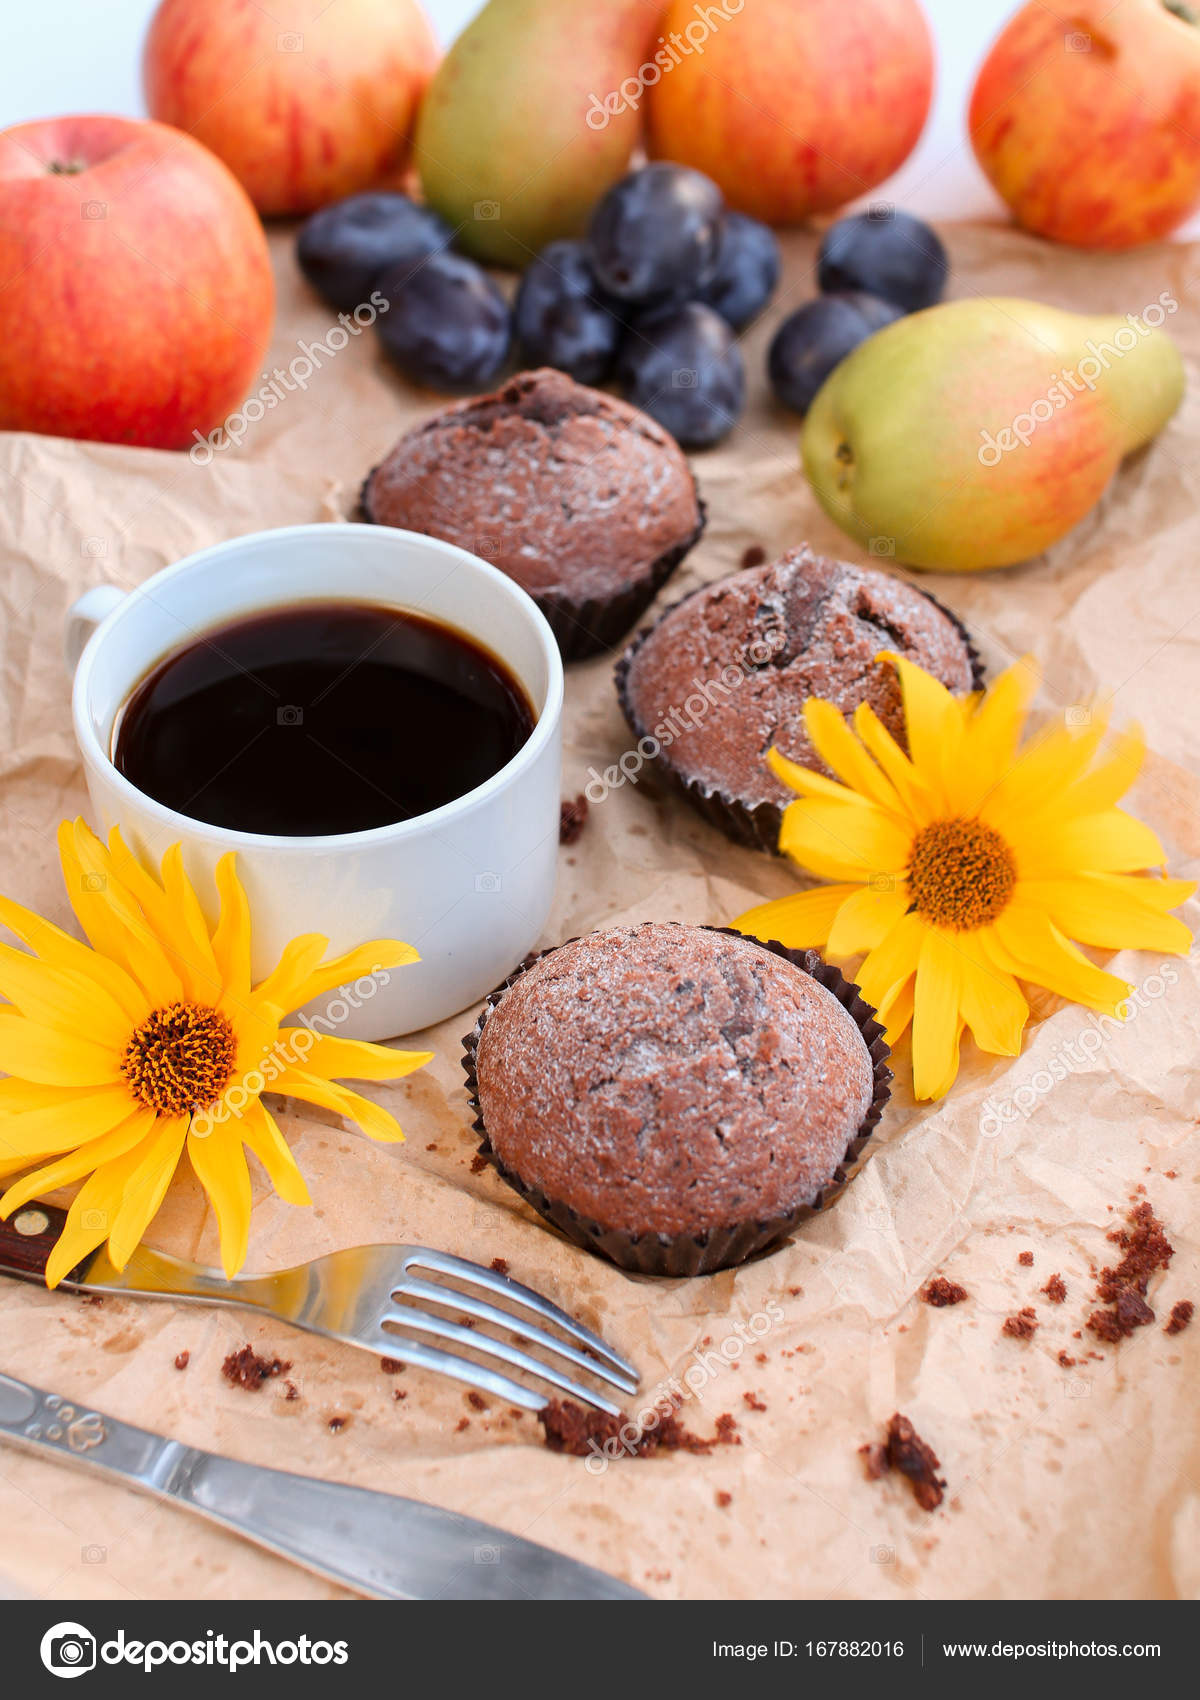 Beeindruckend Guten Morgen Frühstück Sammlung Von Einen Wunderschönen Frühstück Auf Einem Hellen Hintergrund.